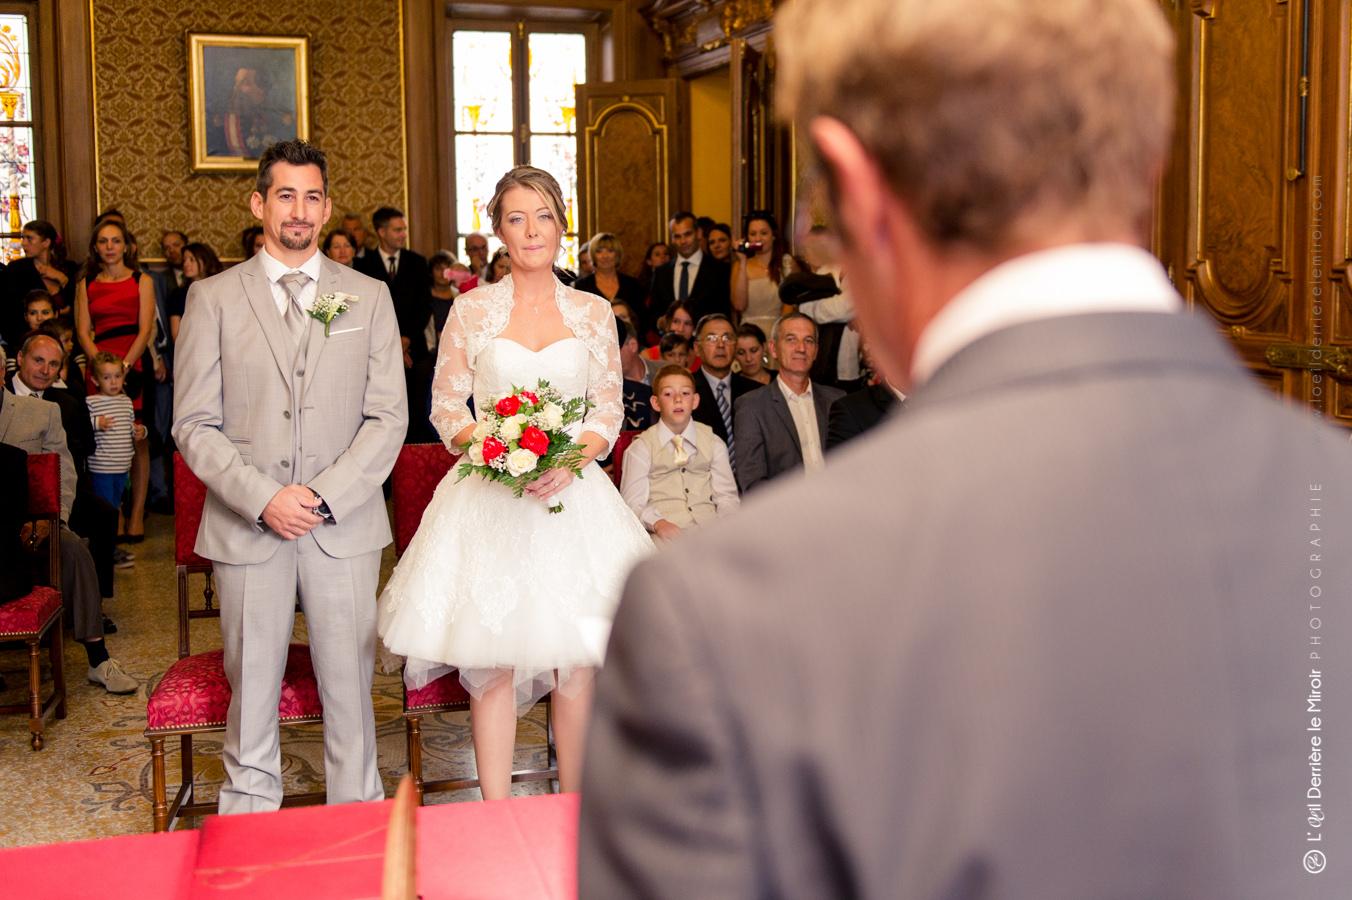 Photographe-mariage-monaco-loeilderrierelemiroir-004